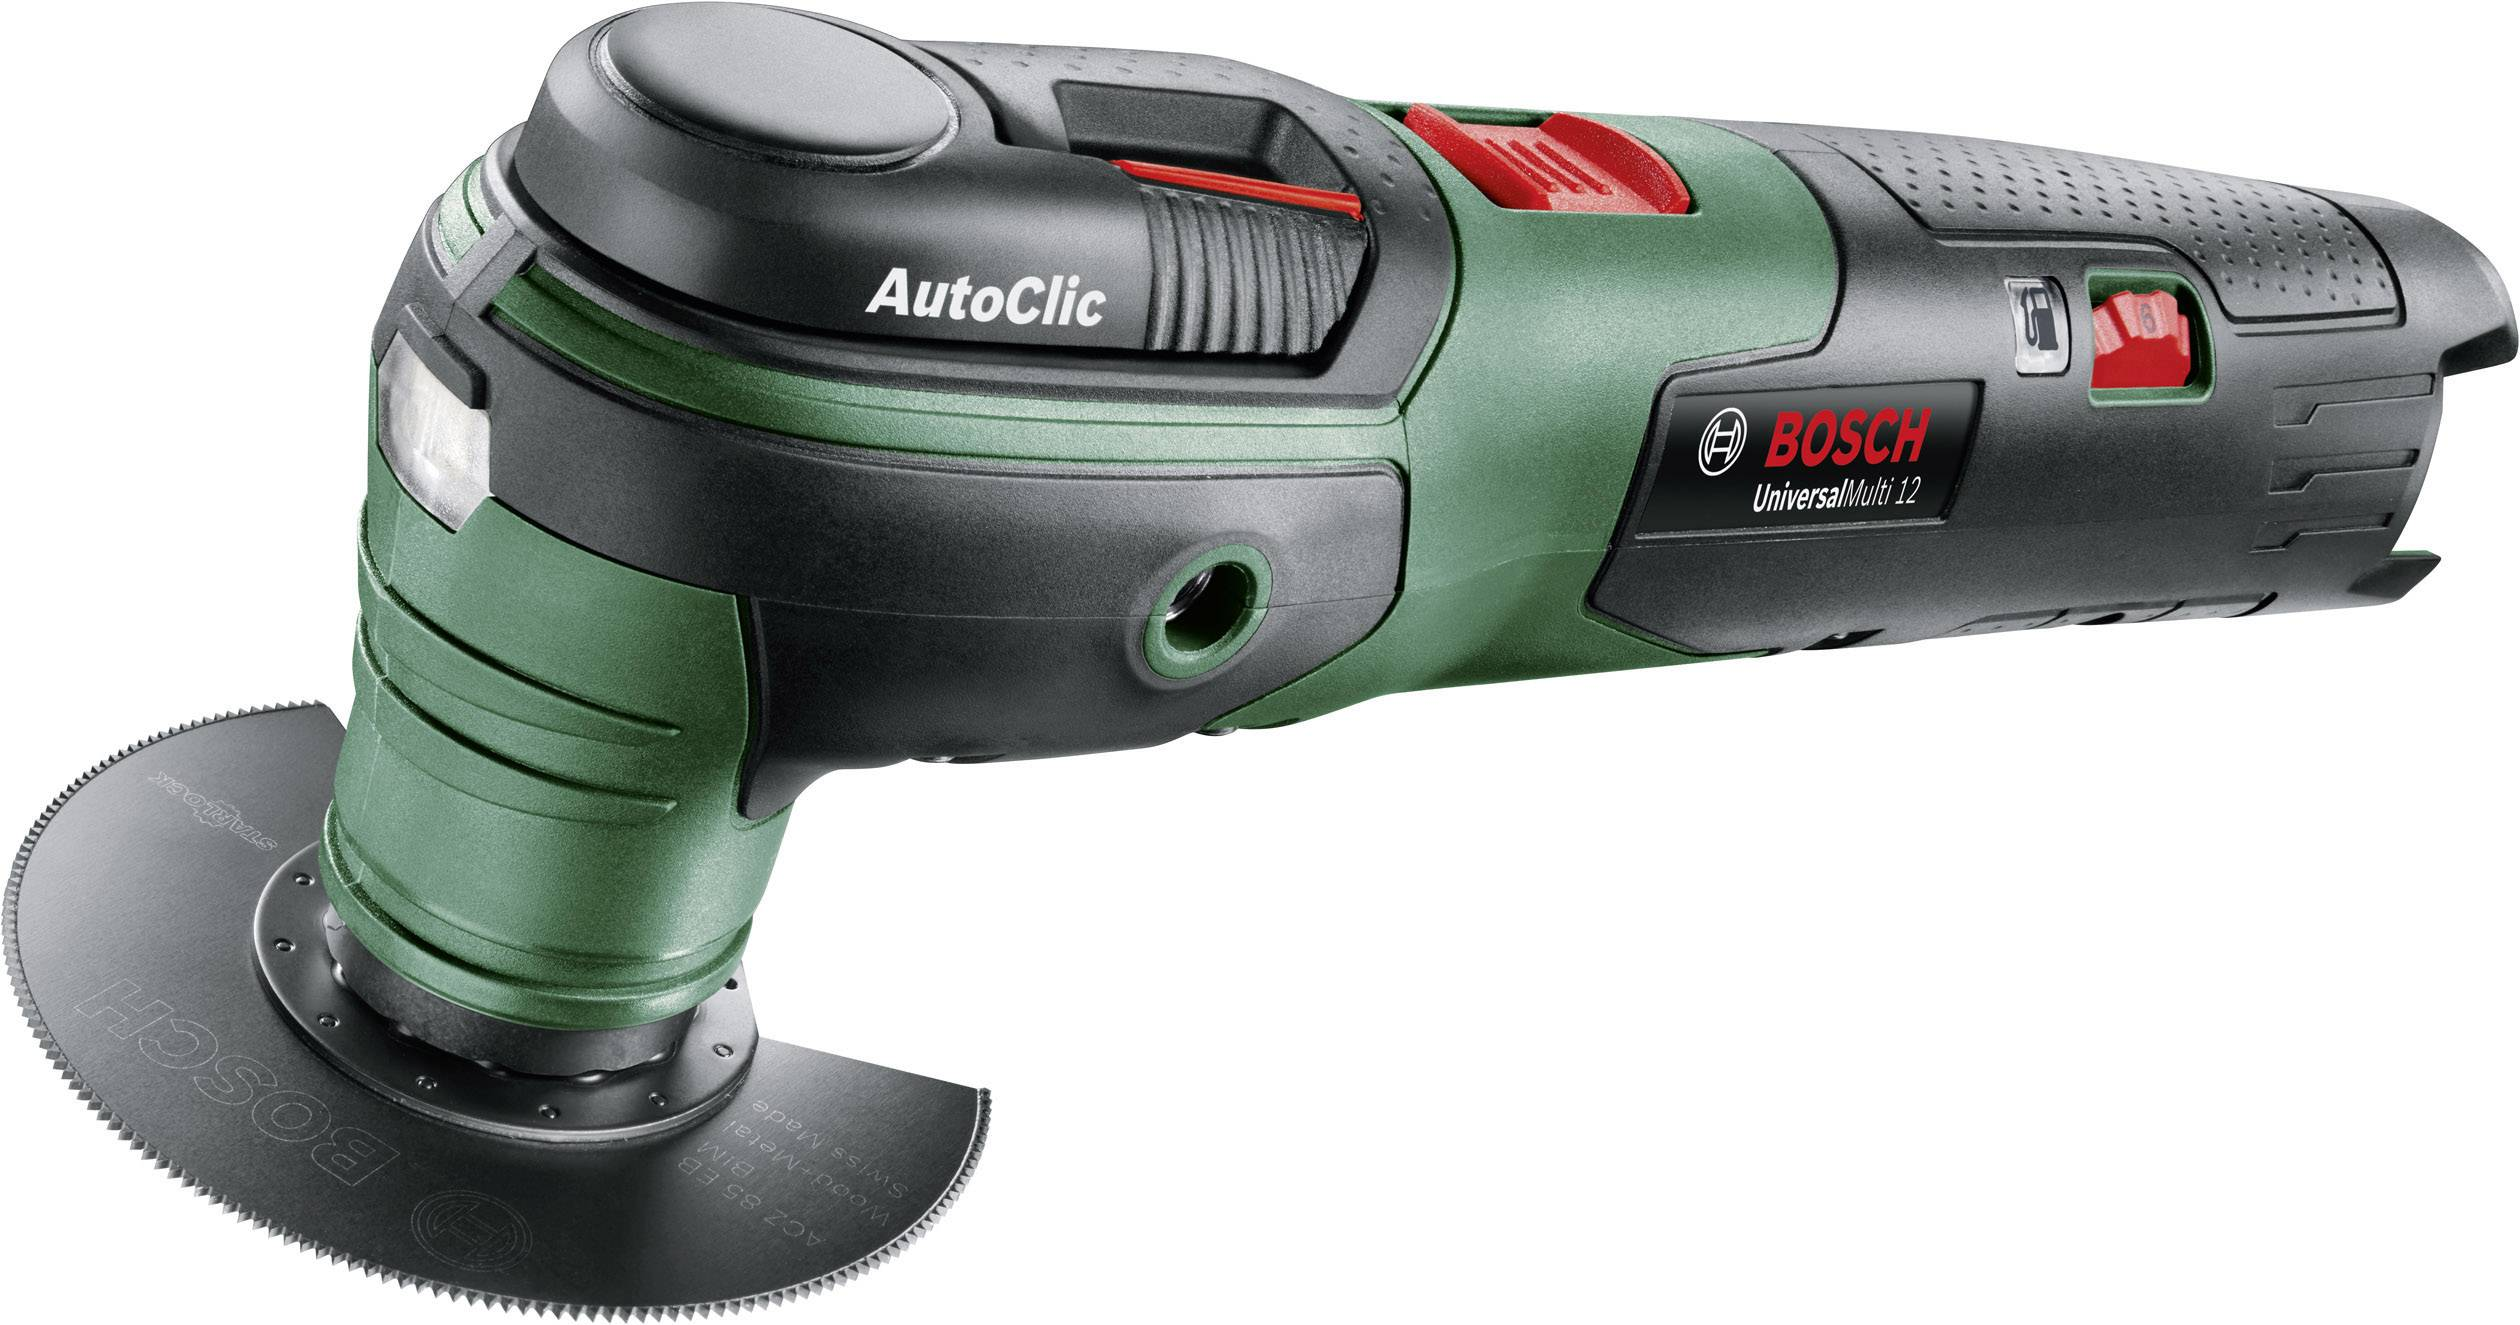 Multifunkčné náradie Bosch Home and Garden UniversalMulti 12 0603103000, bez akumulátoru